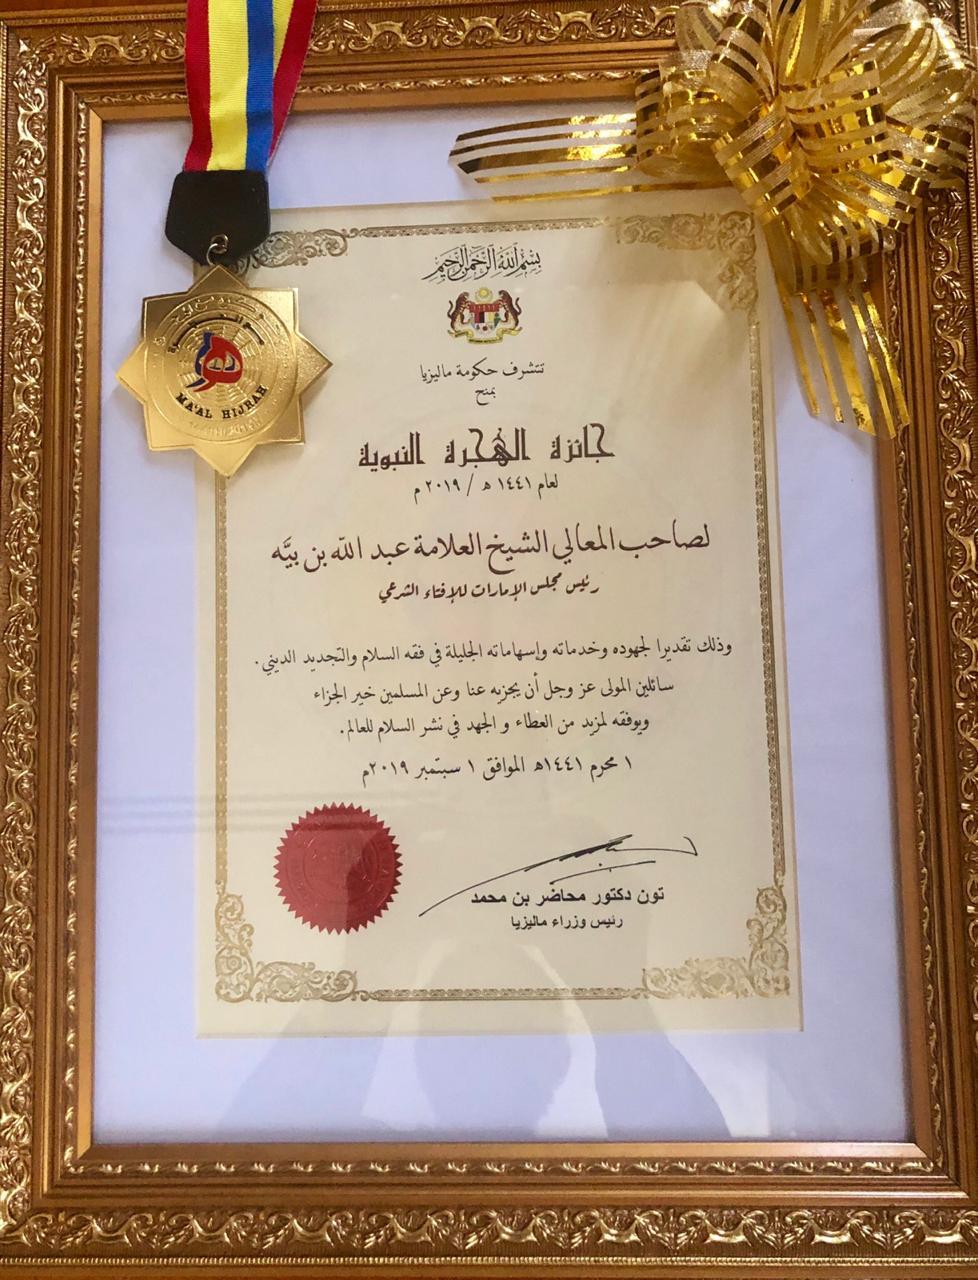 ملك ماليزيا يكرم رئيس مجلس الإمارات للإفتاء الشرعي